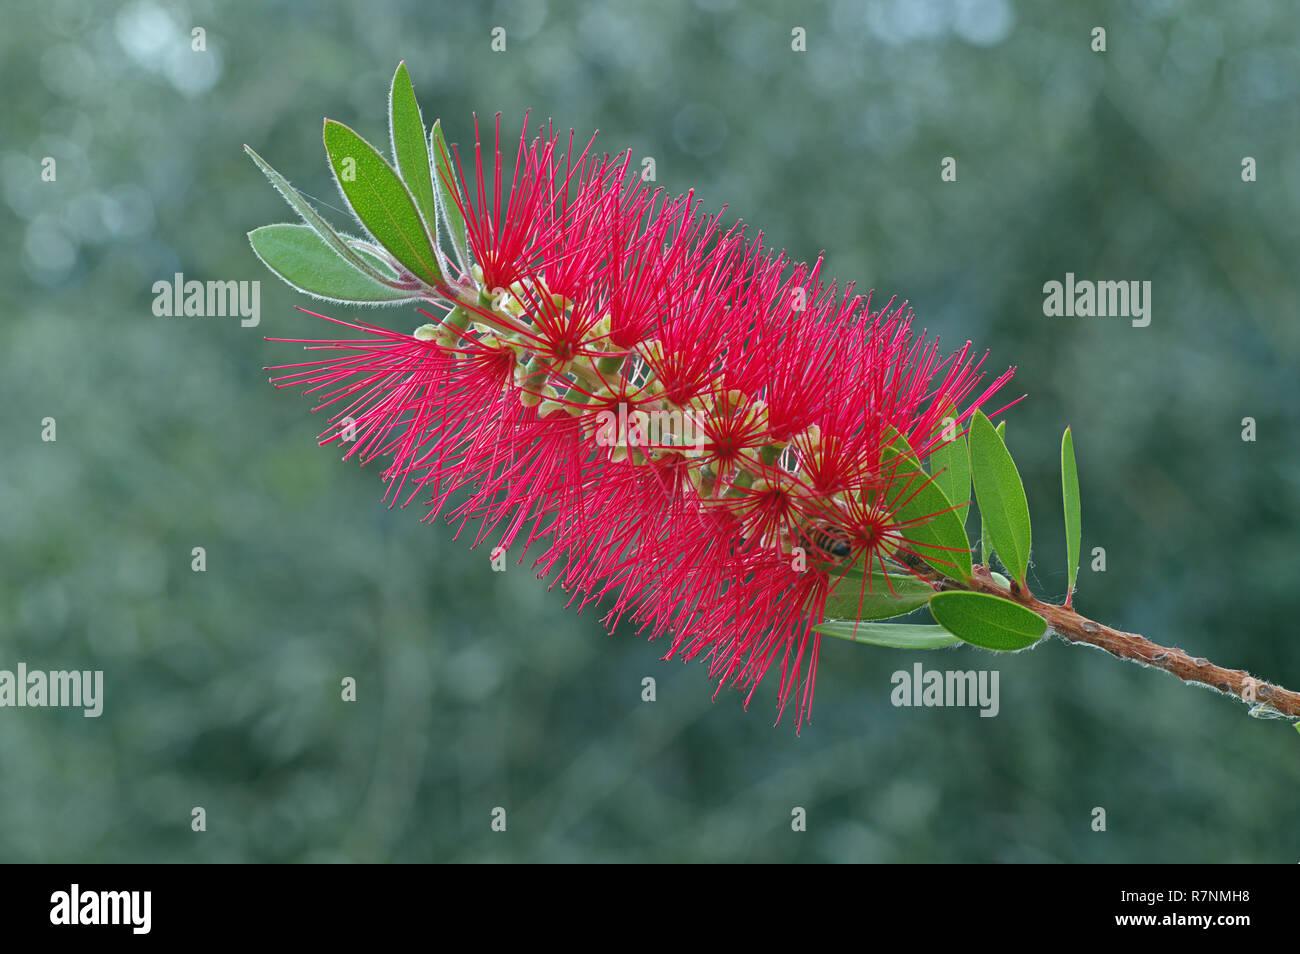 Callistemon citrinus, the Crimson bottlebrush or Red Bottlebrush, family Myrtaceae - Stock Image